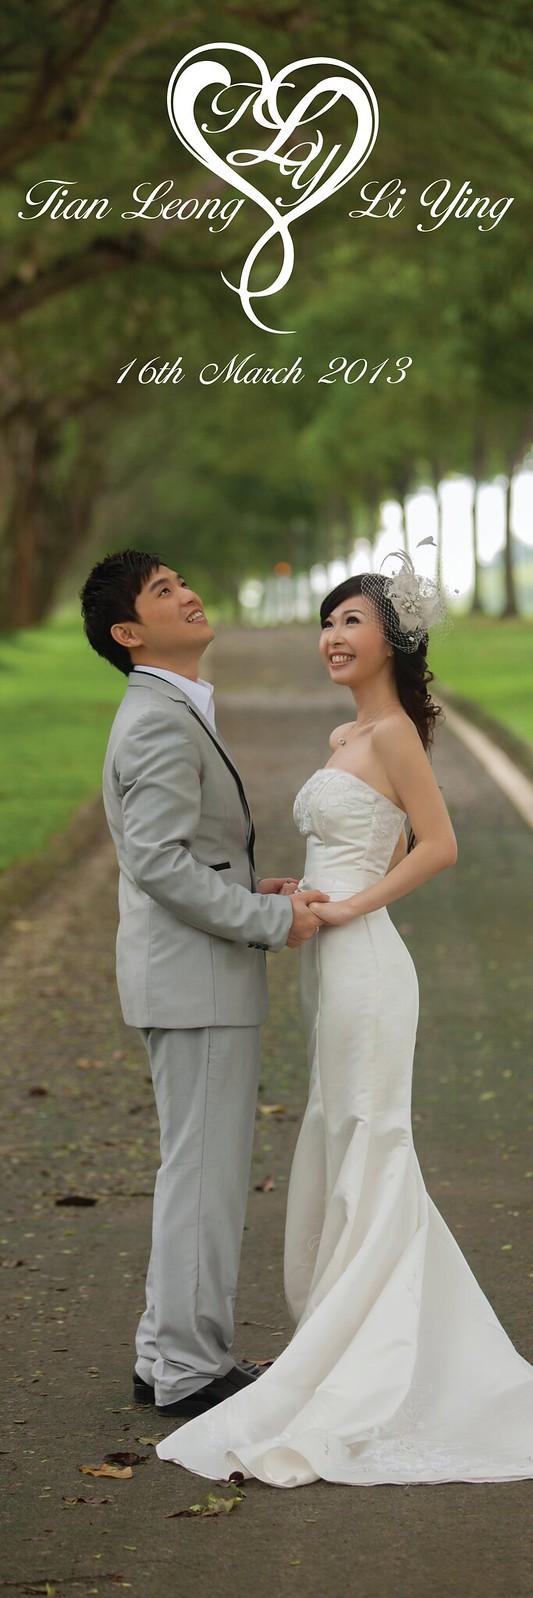 Tian Leong & Li Ying @ 16.03.13 #TLY